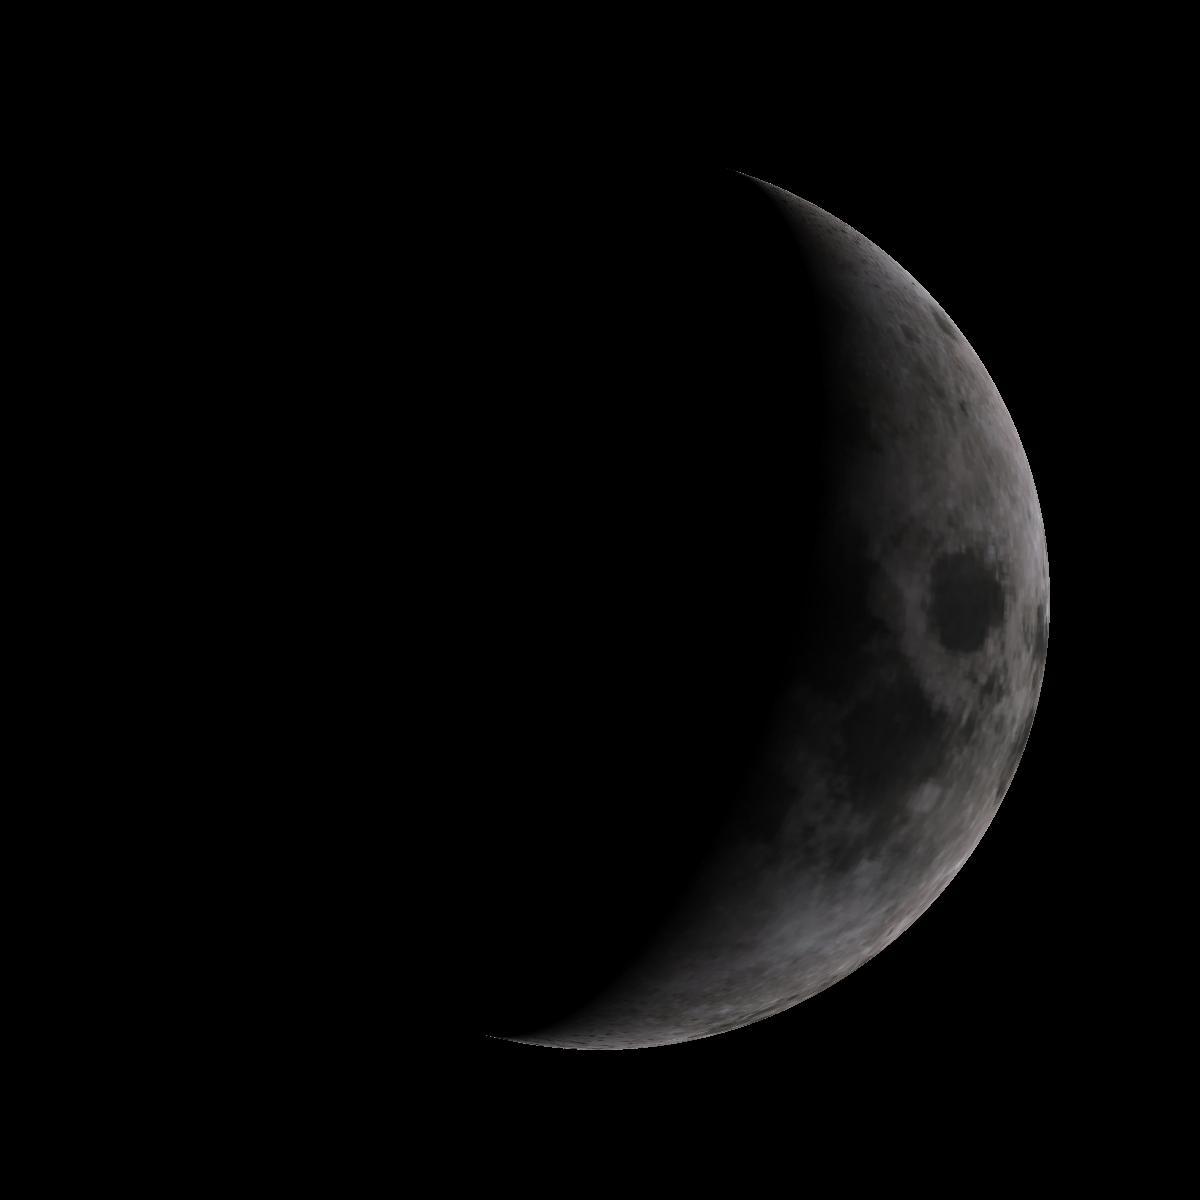 Lune du 2 décembre 2019